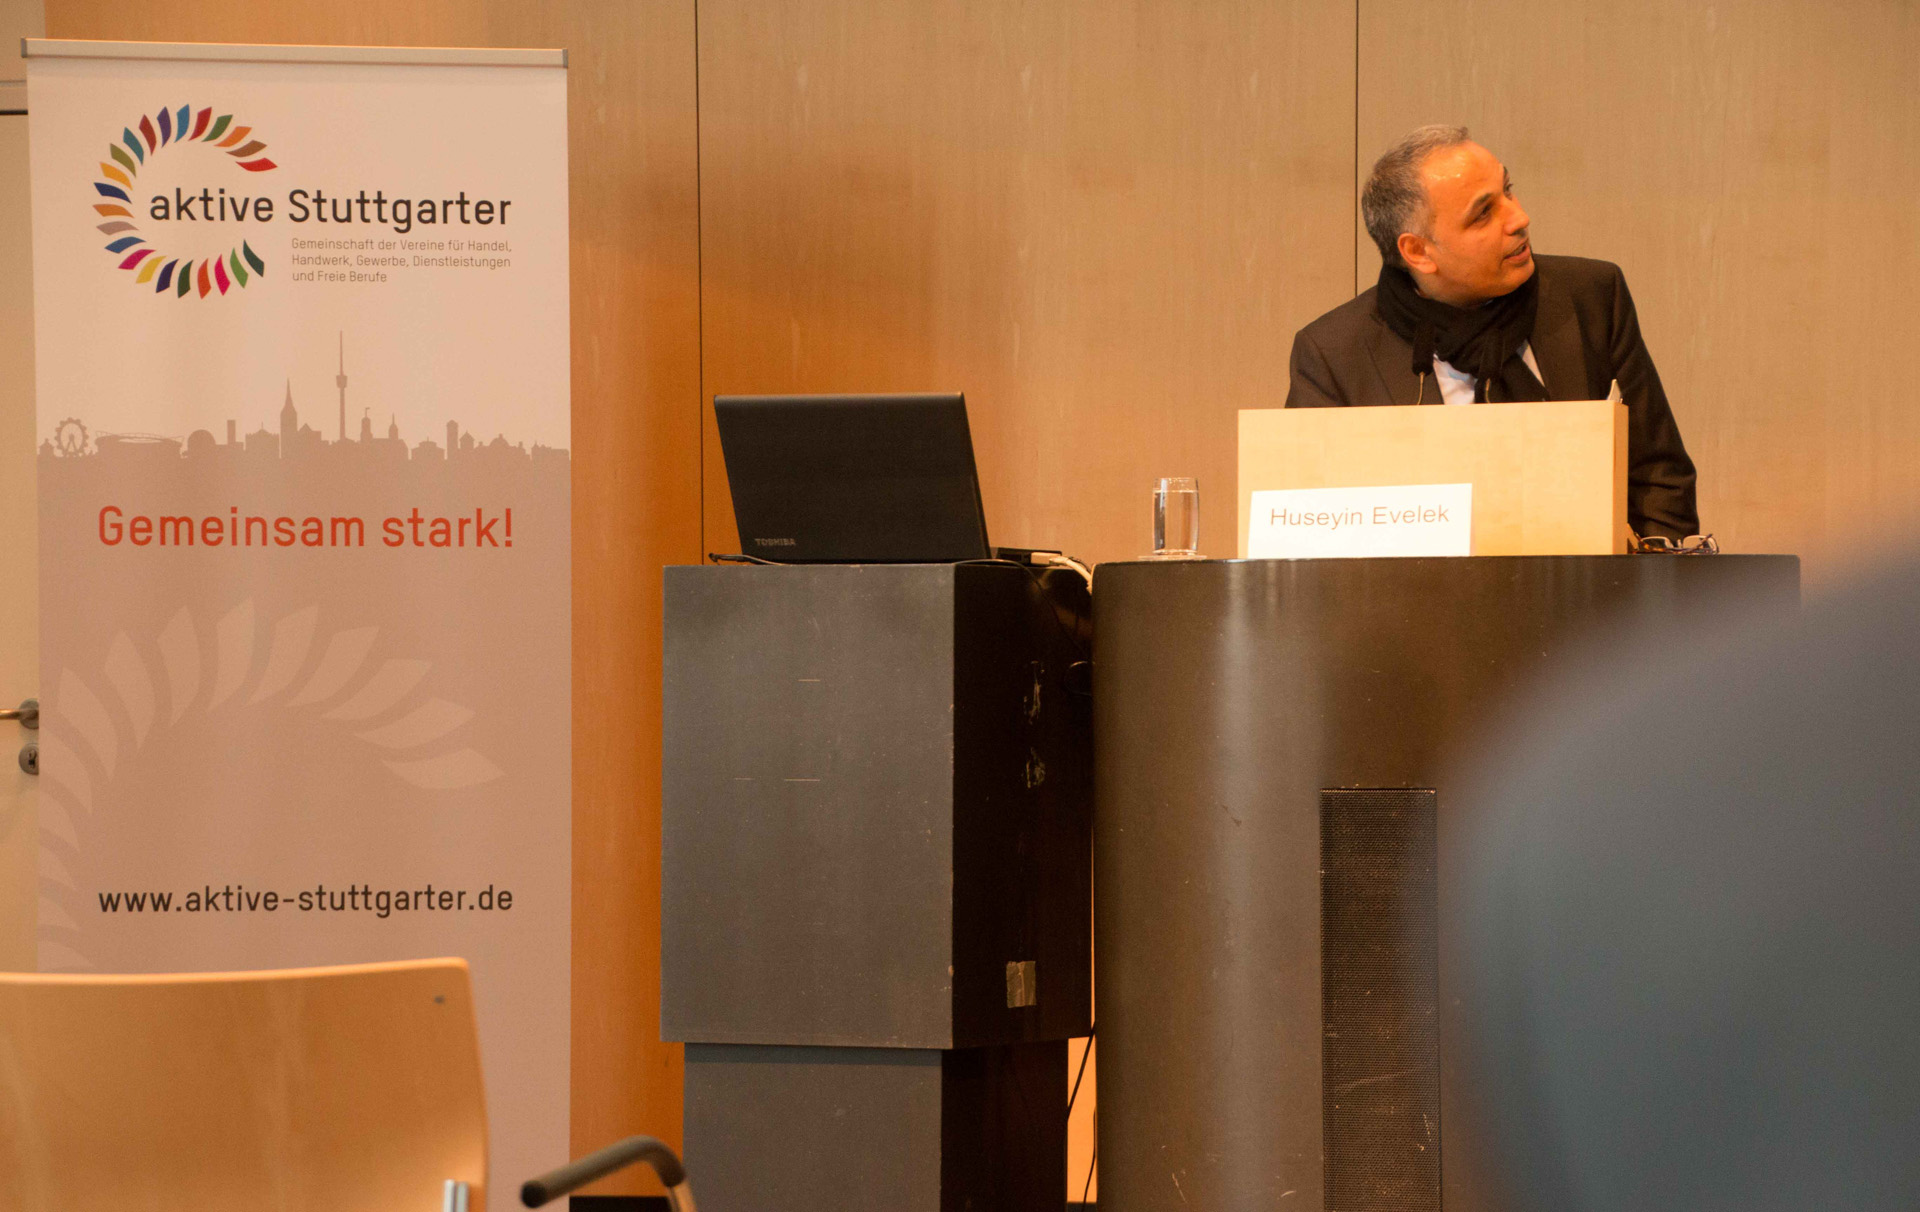 2. Stuttgarter Zukunftsforum